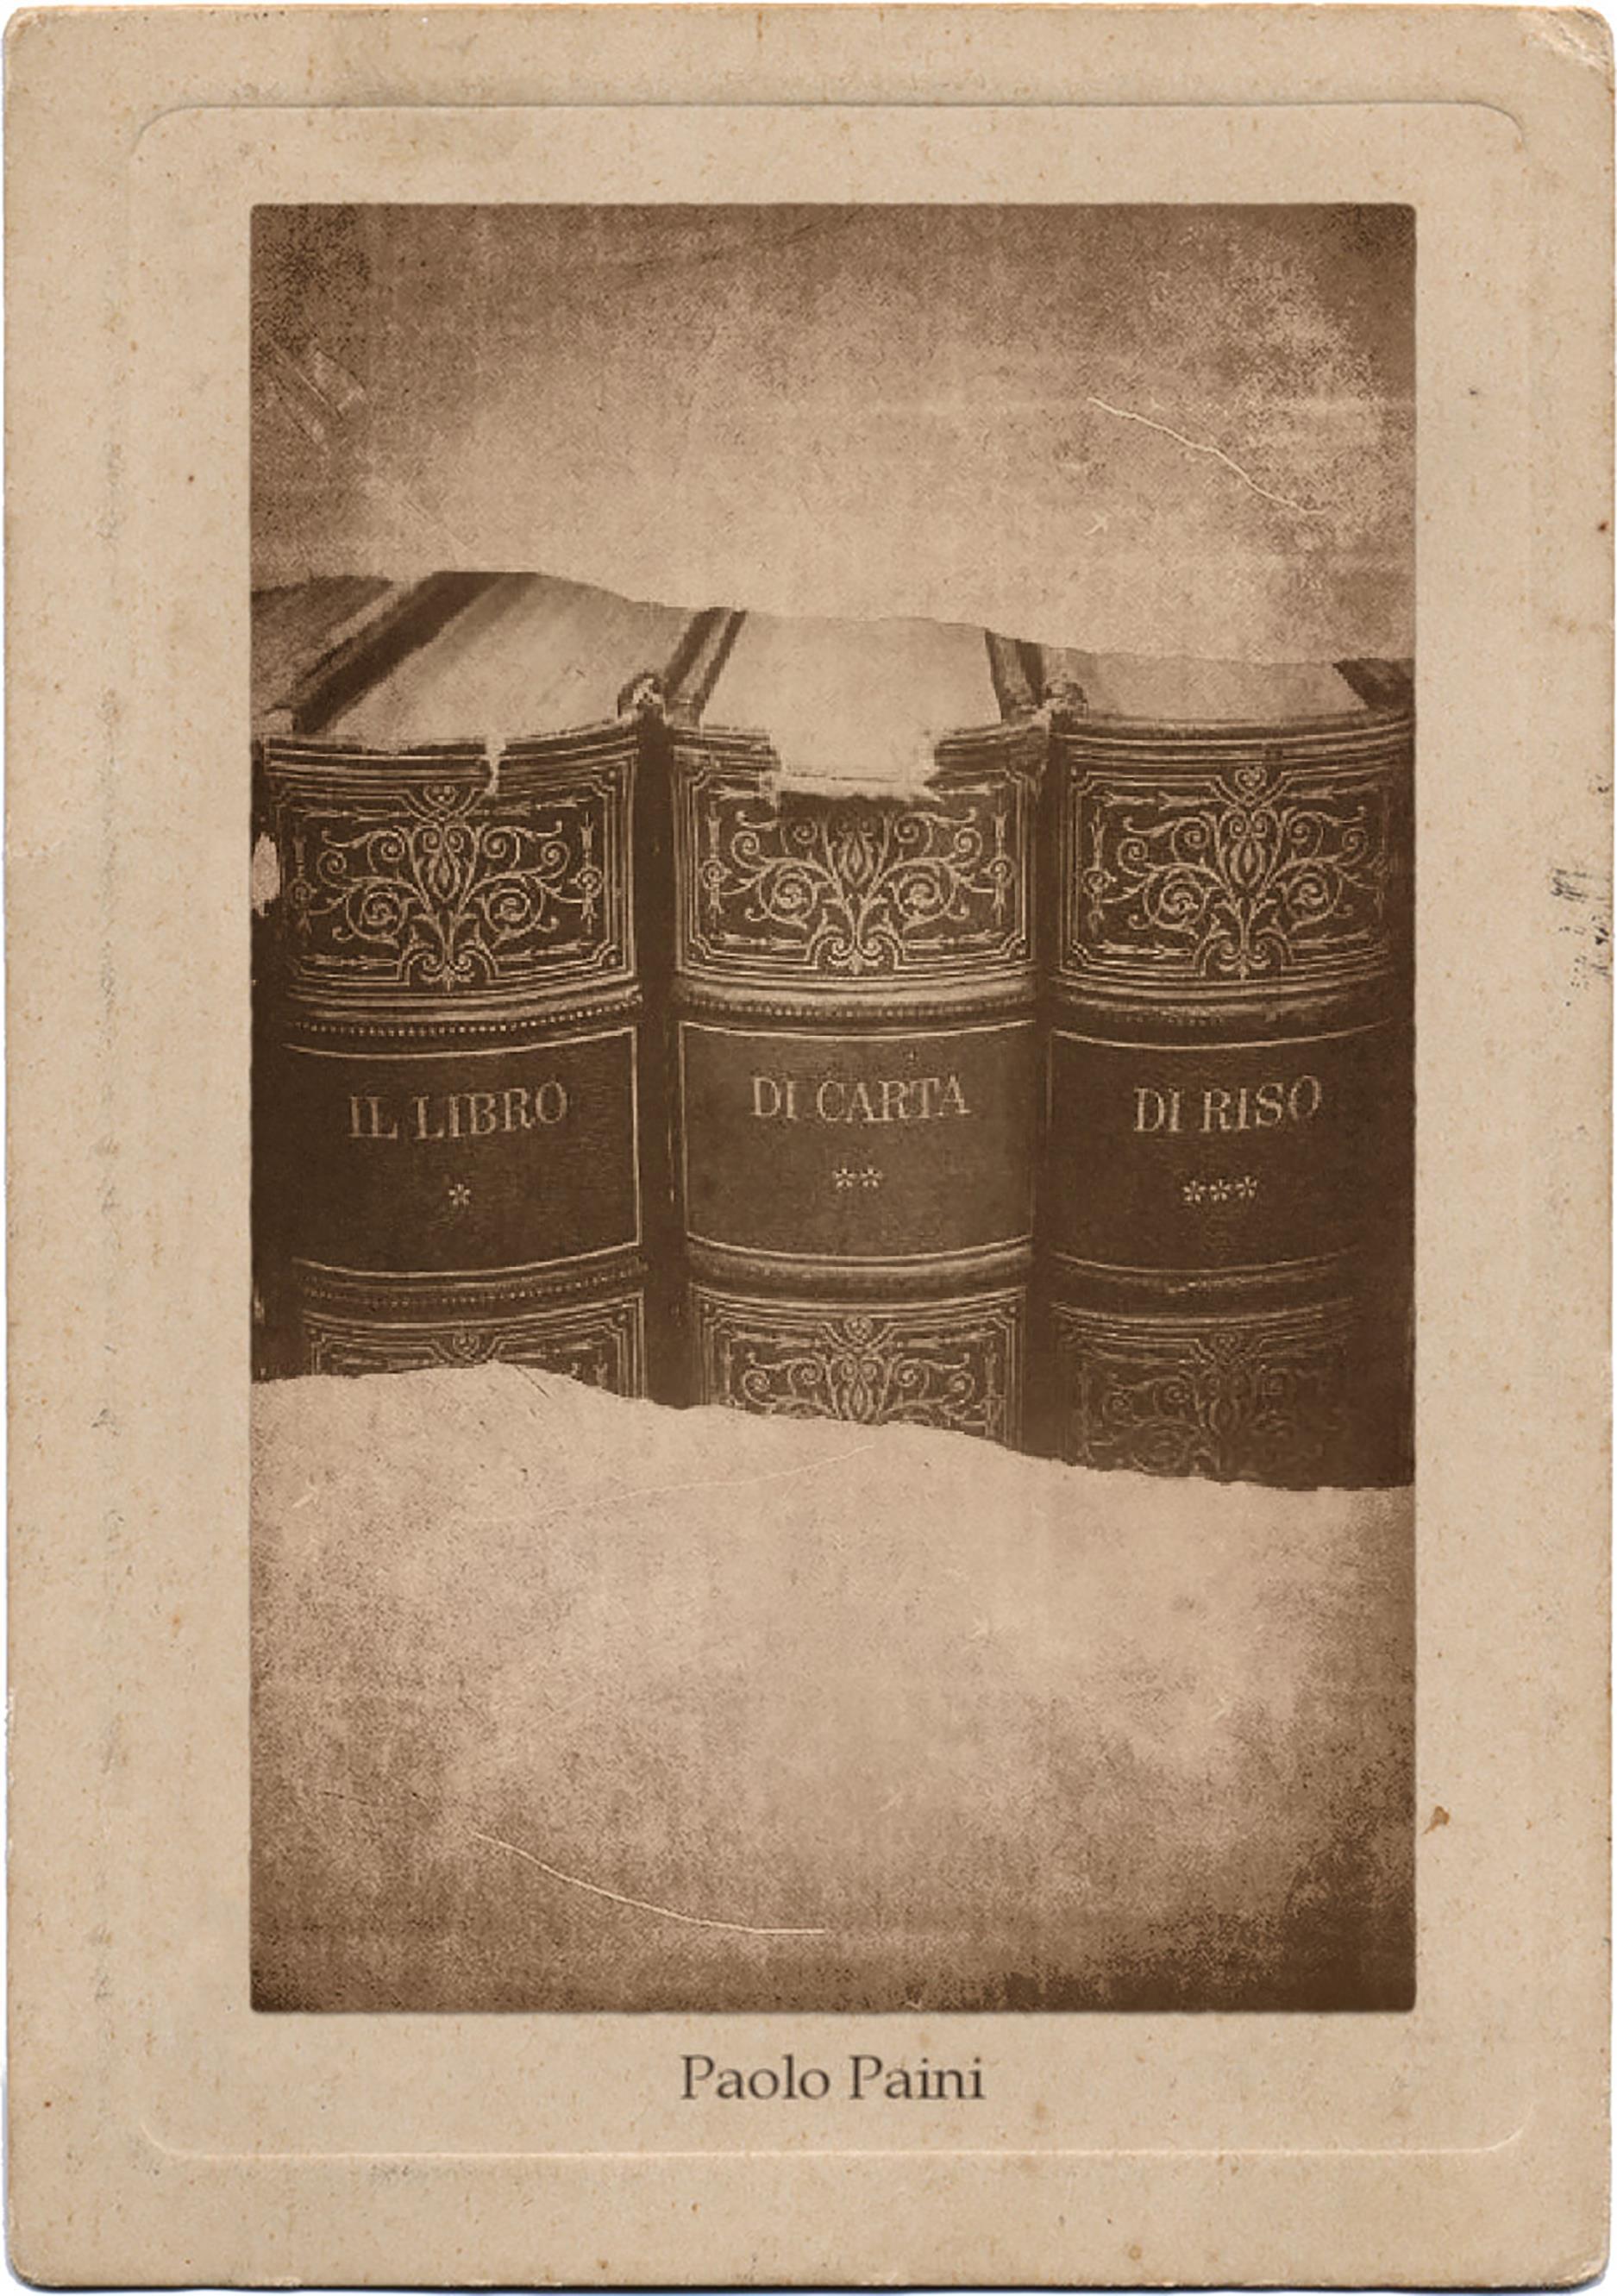 Il libro di carta di riso